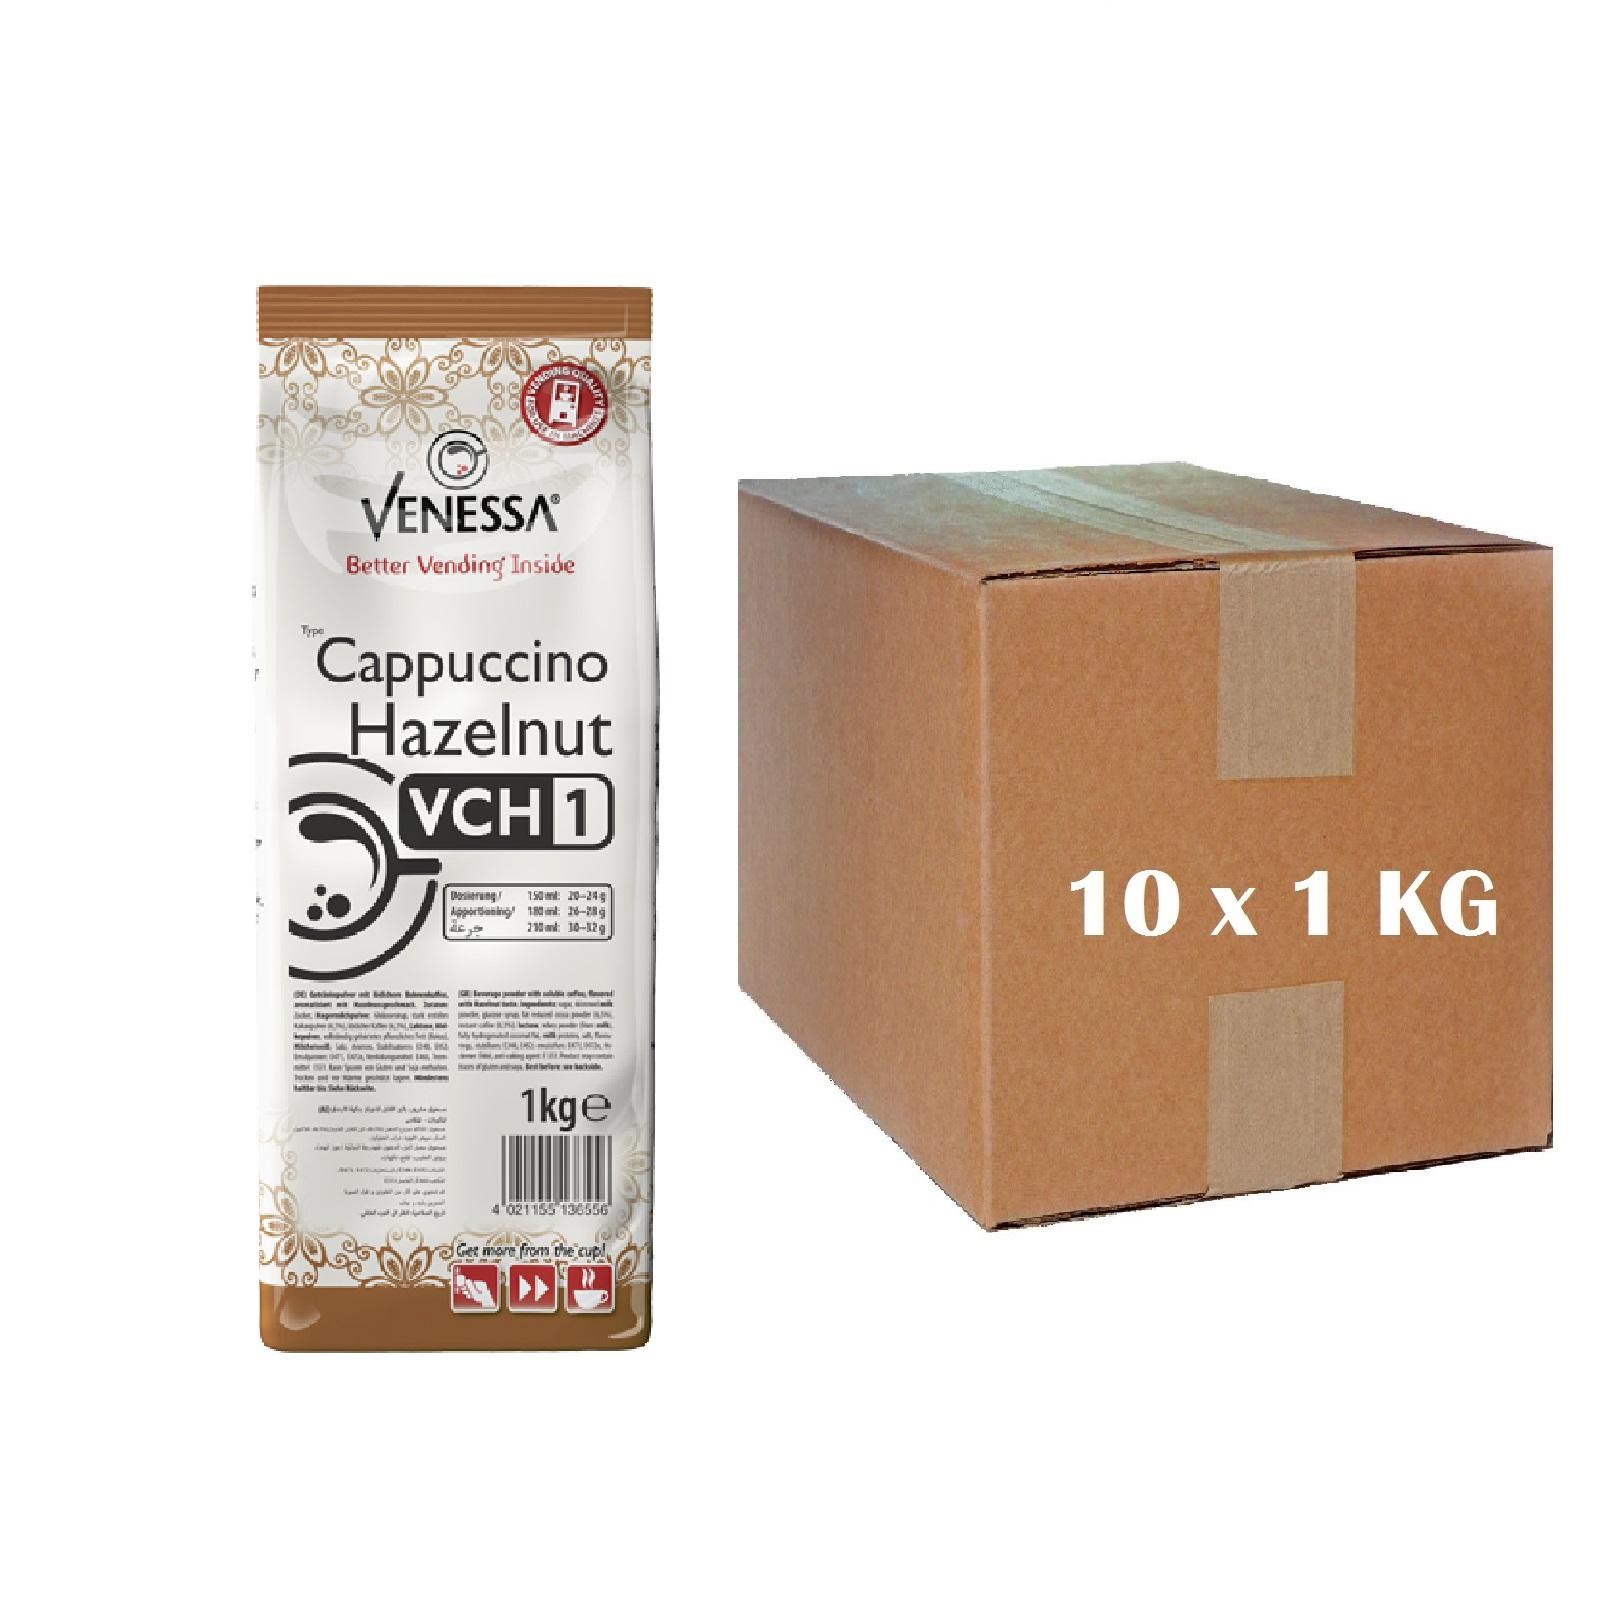 Venessa Cappuccino Hazelnut VCH1 für Automaten 10 x 1kg